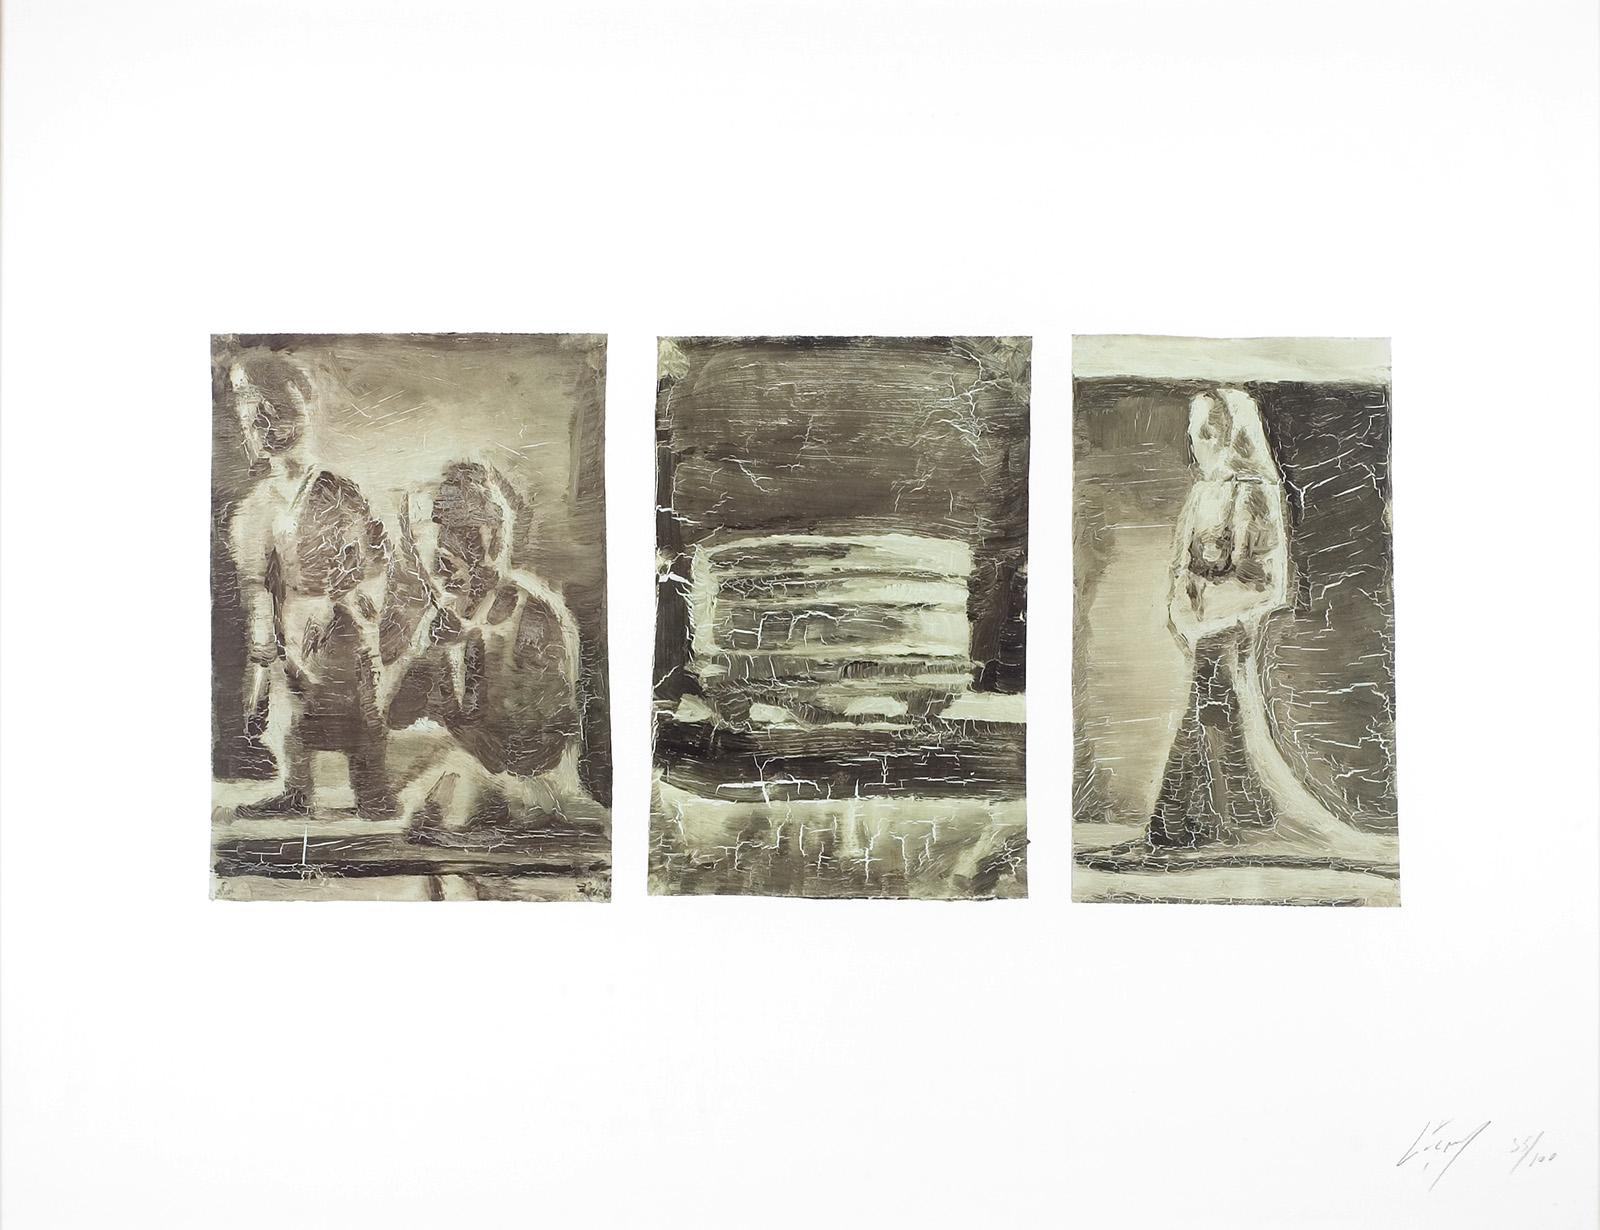 Luc Tuymans | Untitled (Triptych) 2001